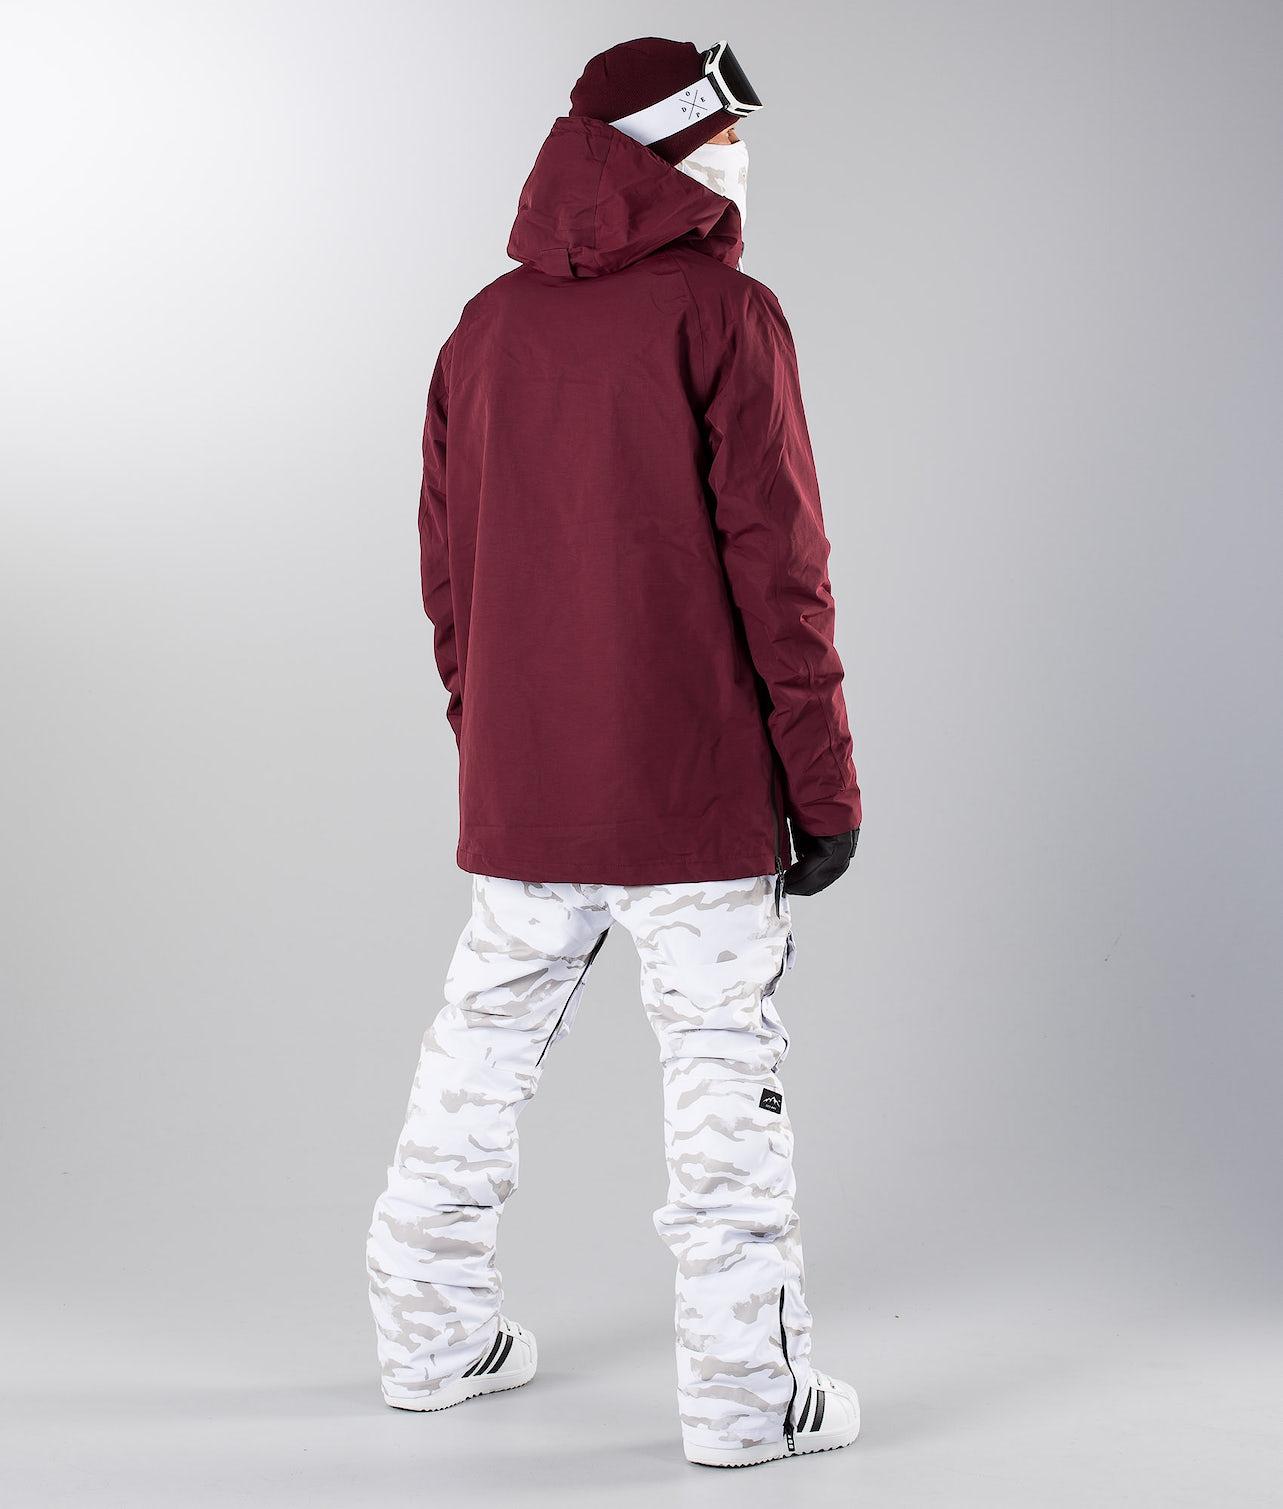 Köp Annok 18 Snowboardjacka från Dope på Ridestore.se Hos oss har du alltid fri frakt, fri retur och 30 dagar öppet köp!